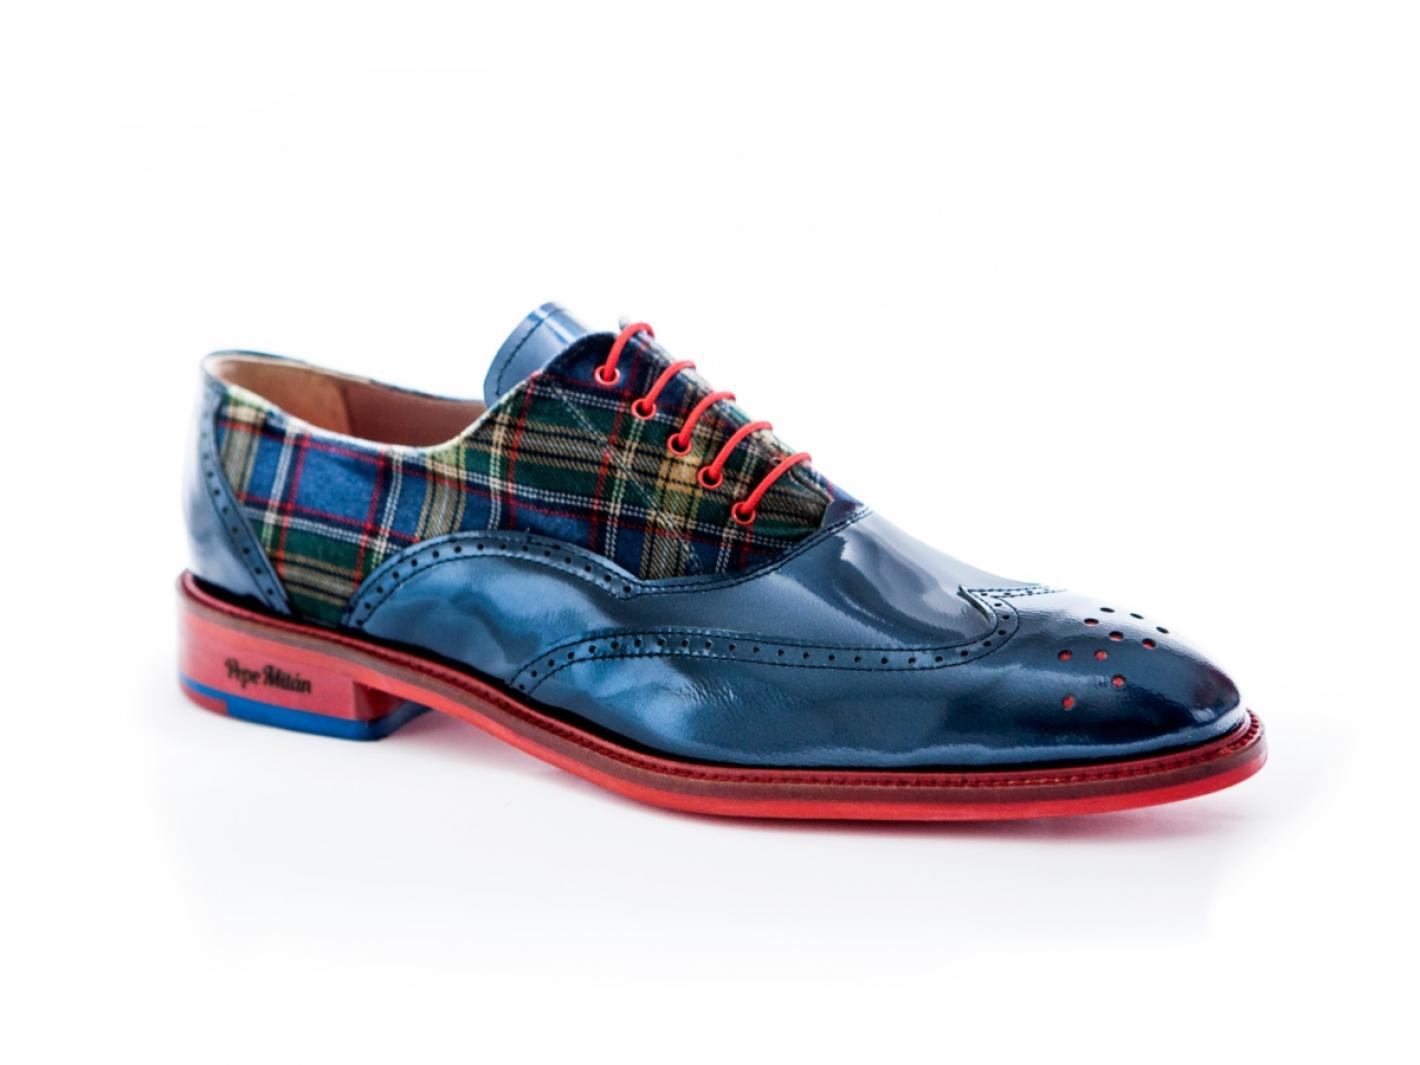 ScottisEn Métal Chaussure Bleu Et Verni Modèle Cuir Scotch 76gfby